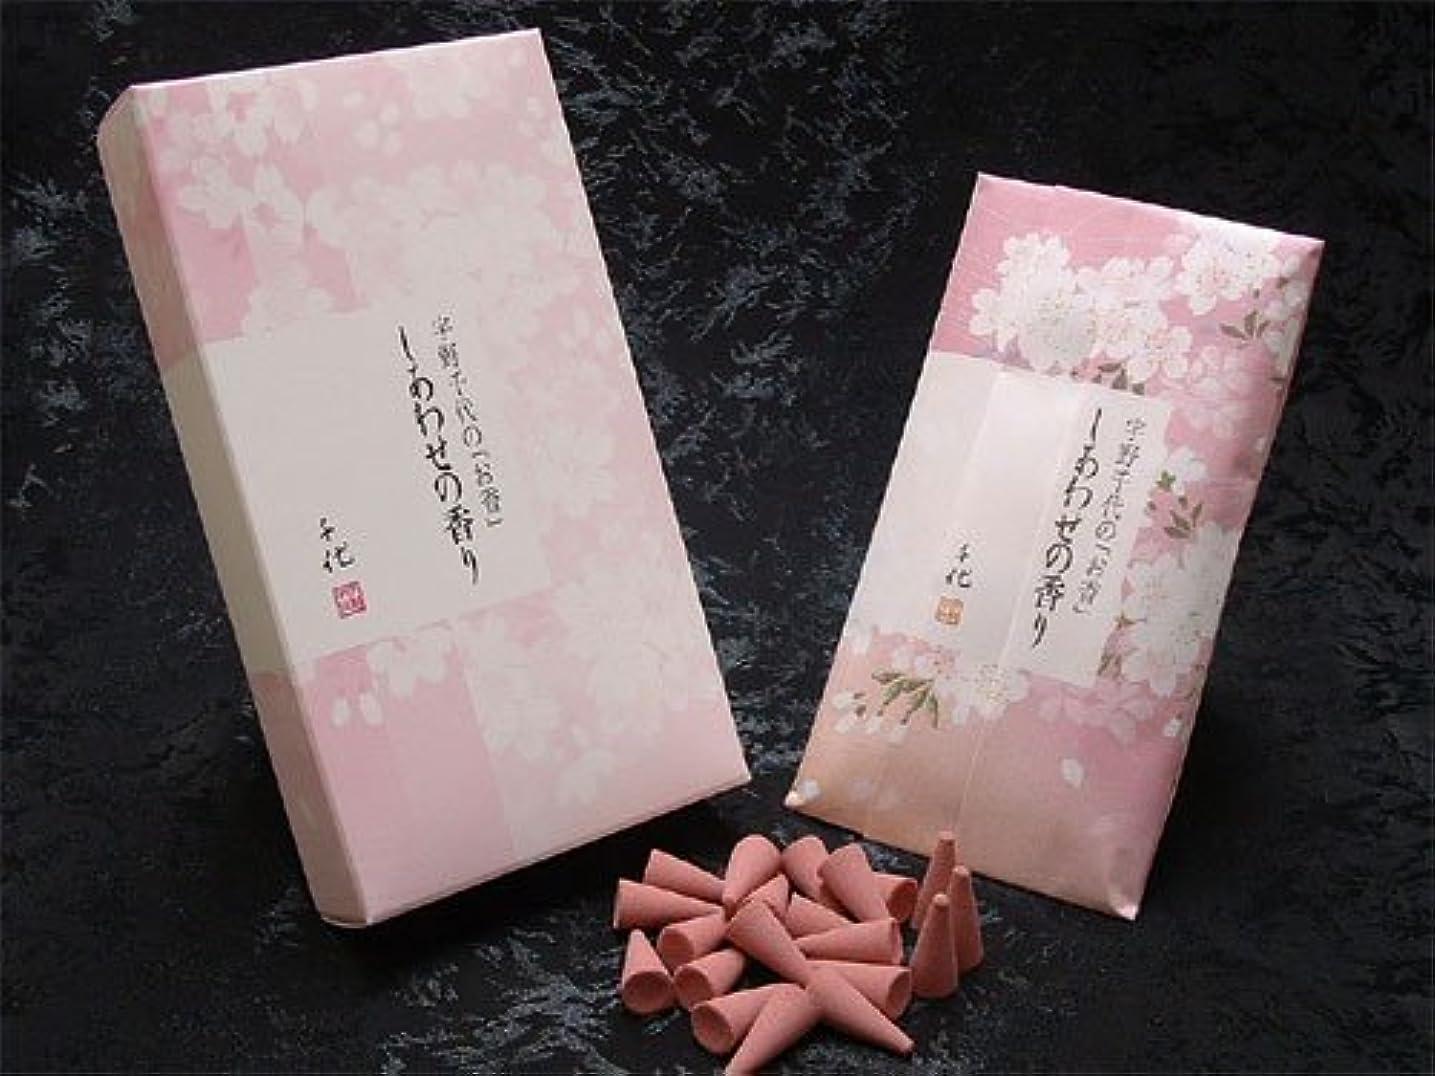 刑務所折セイはさておき日本香堂のお香 宇野千代 しあわせの香り コーン型 20個入り